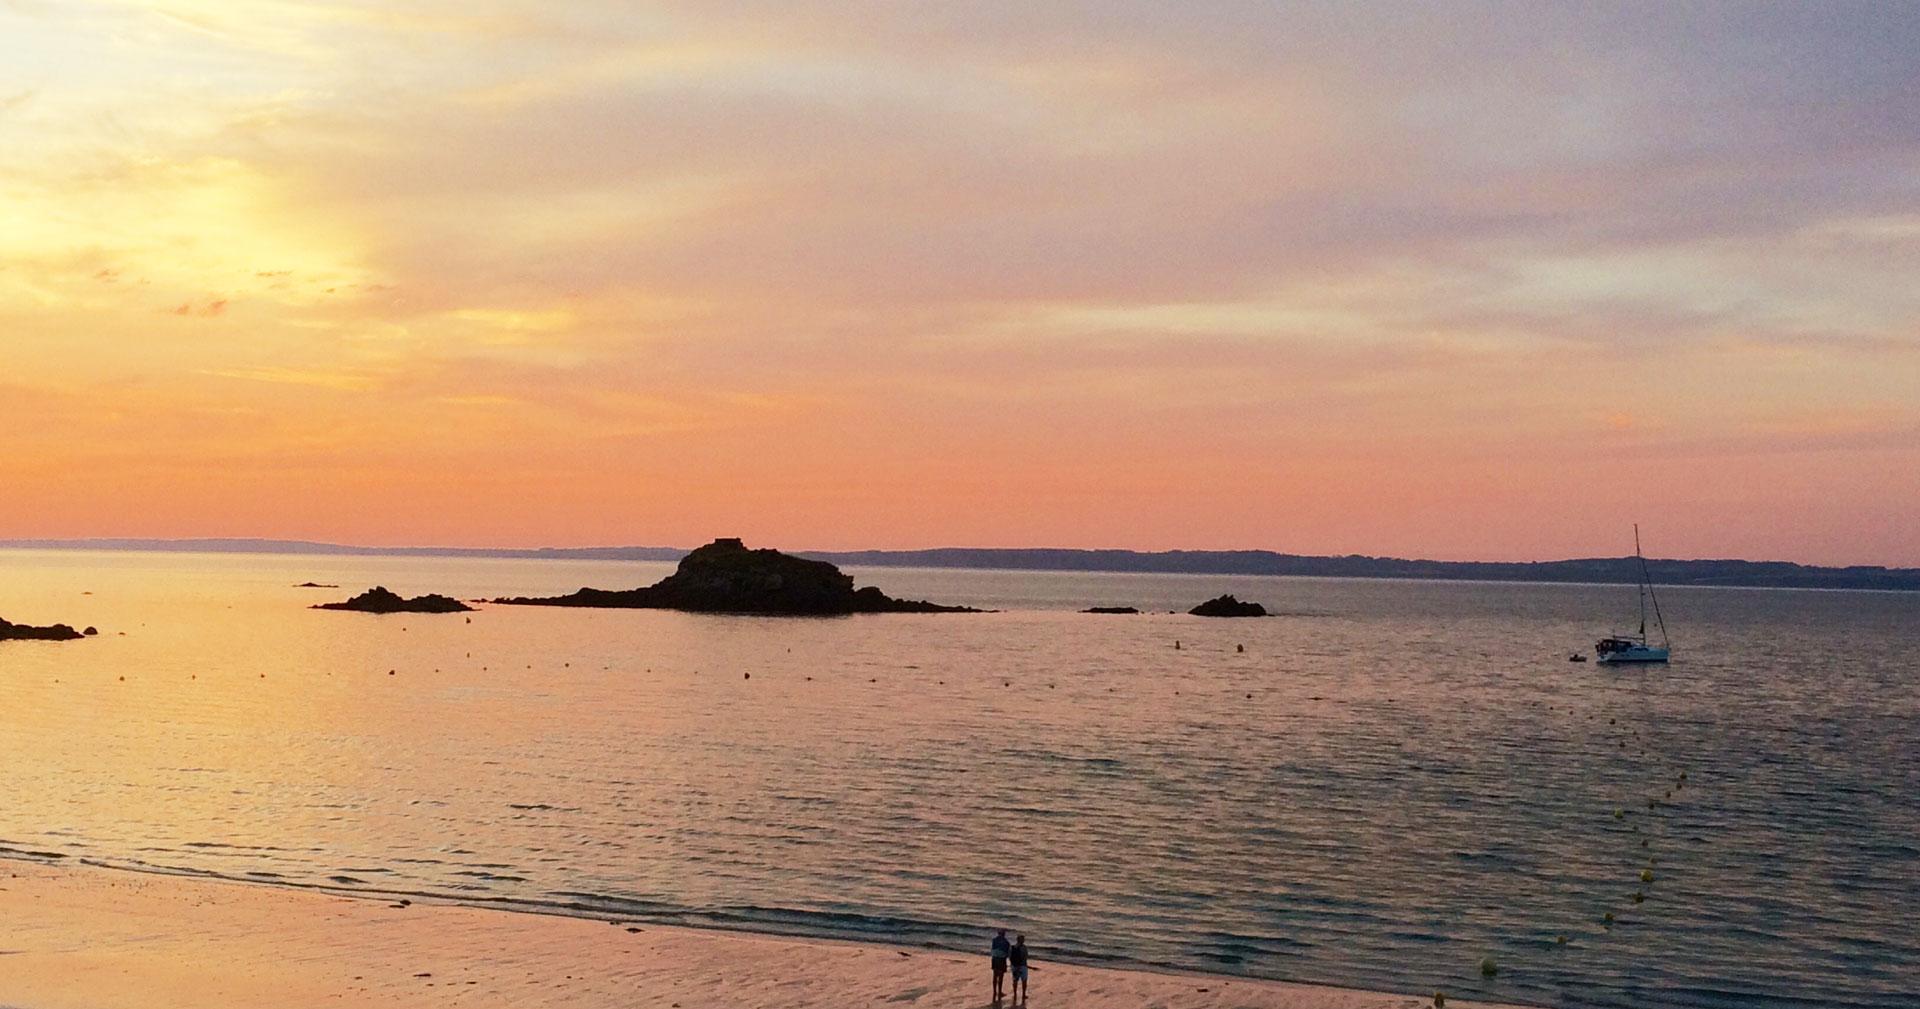 Vue de l'appartement sur un voilier au coucher du soleil sur la plage - GlazOcean.com